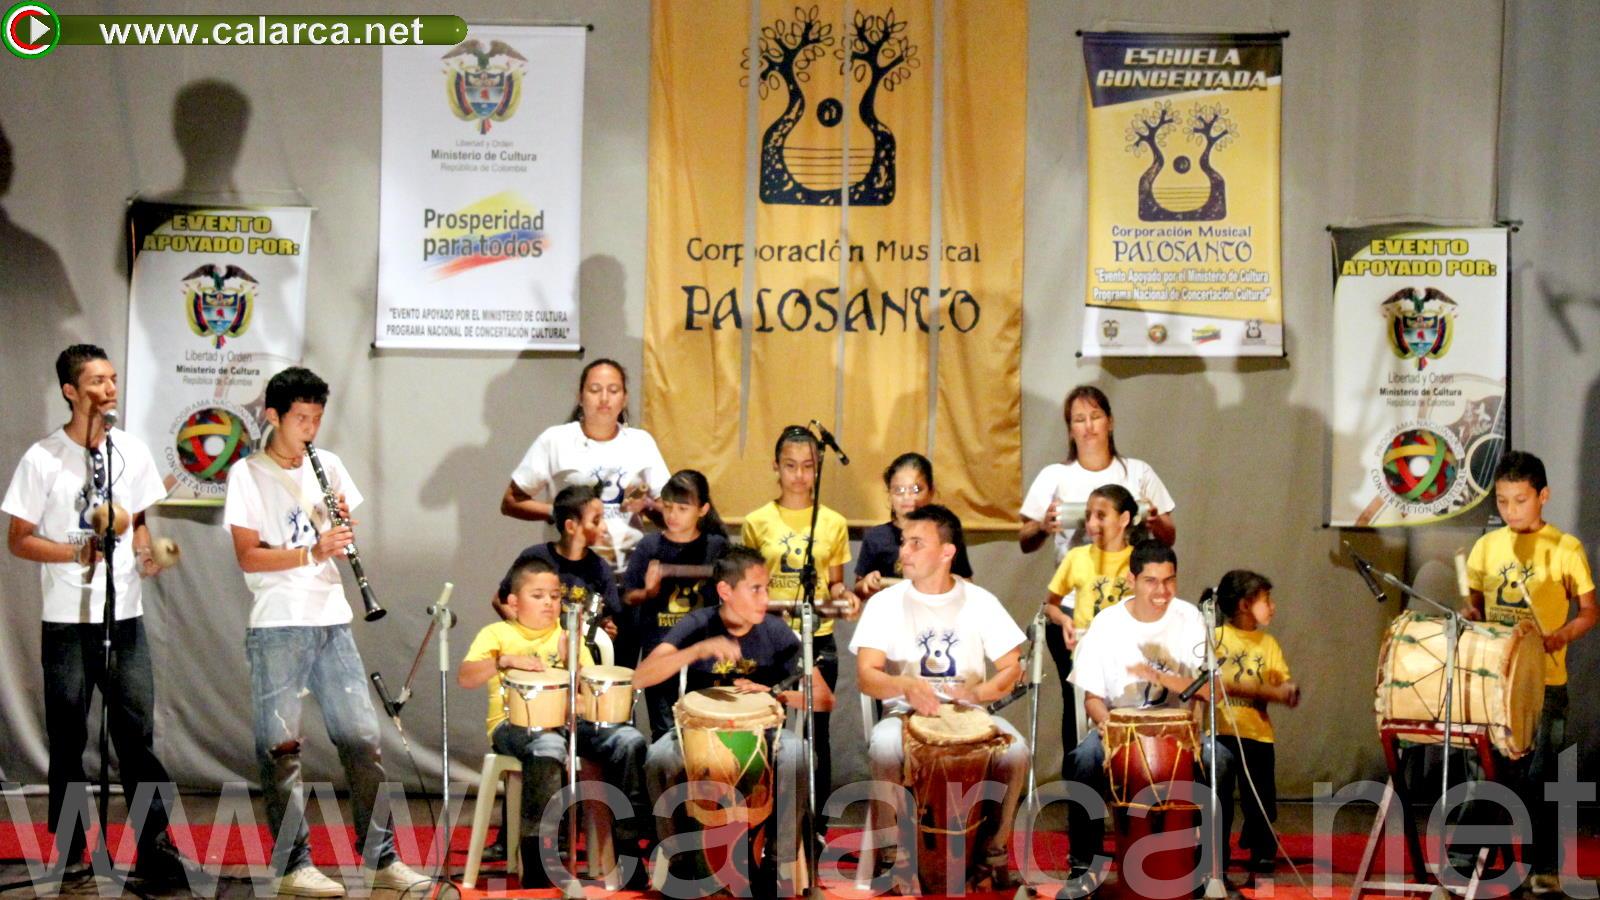 Percusión - Llanitos de Gualará